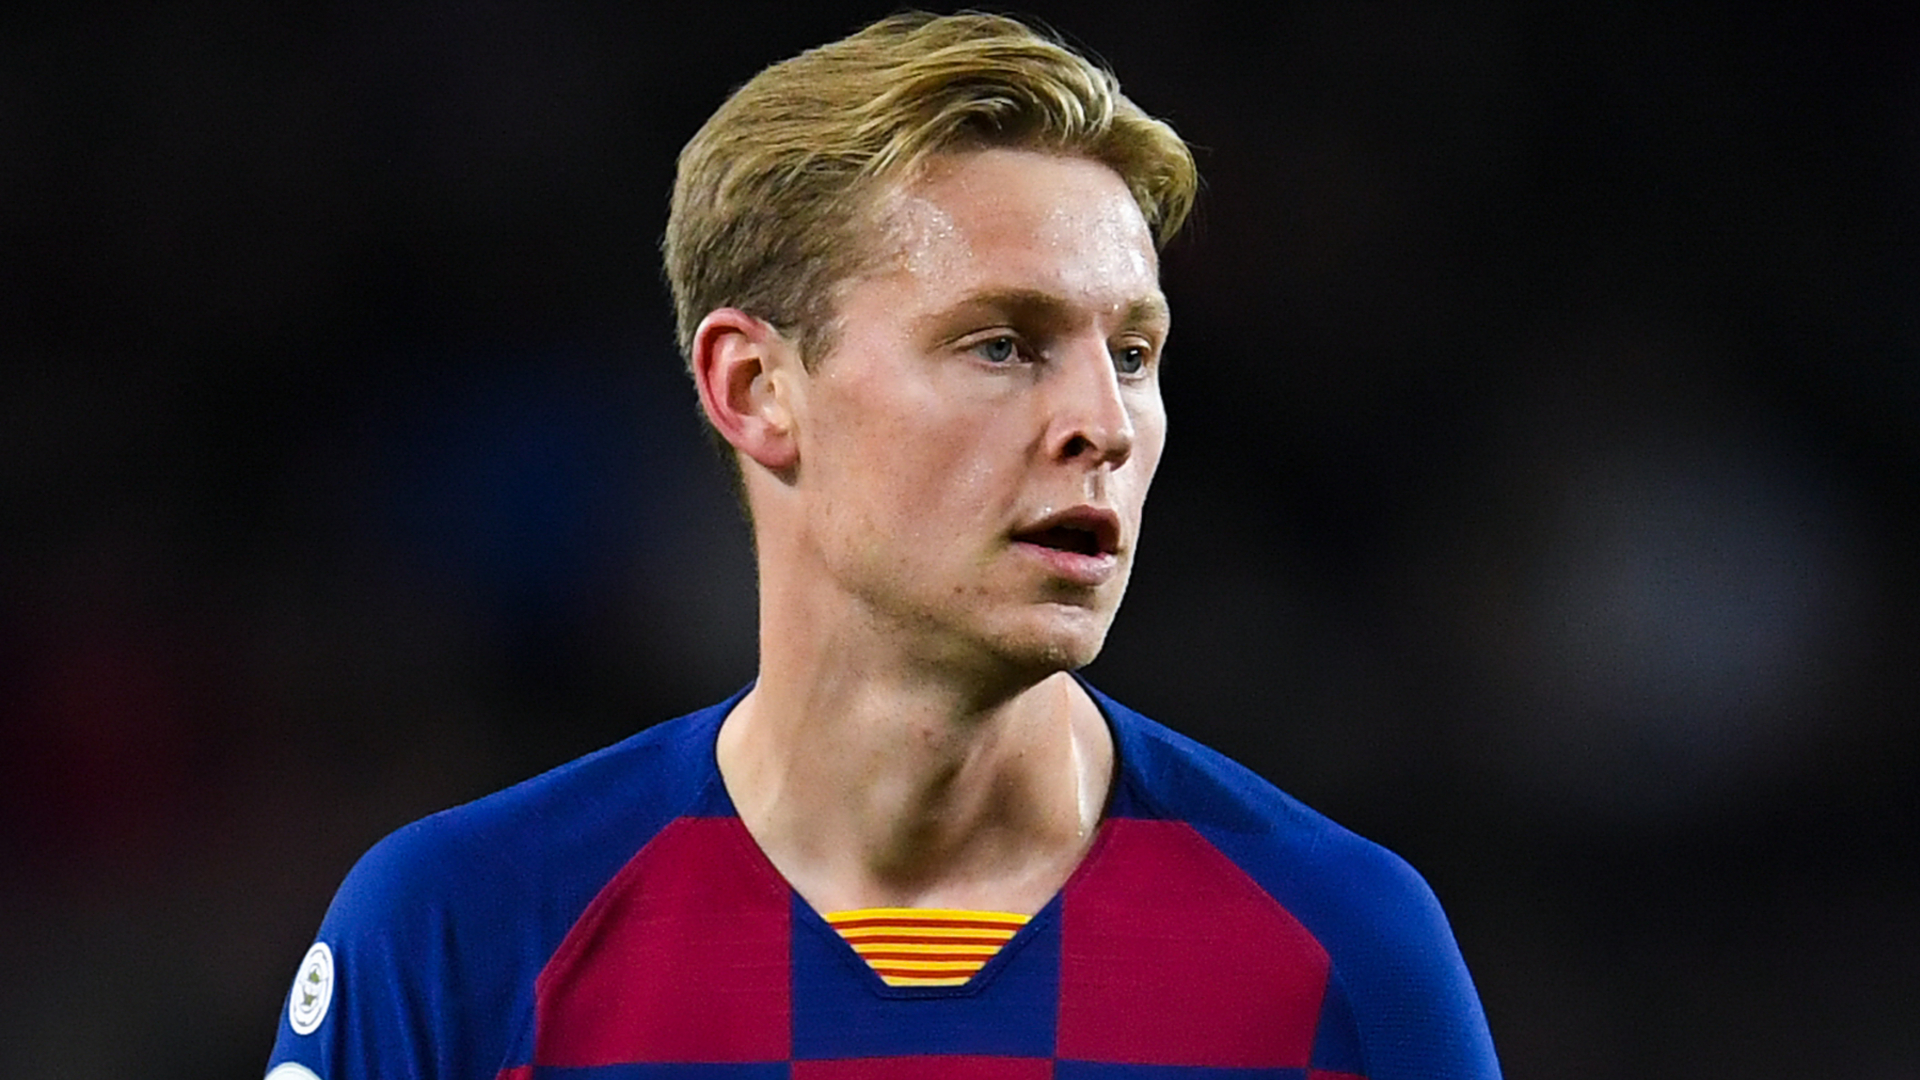 De Jong not expected to miss rest of Barcelona season, says Setien